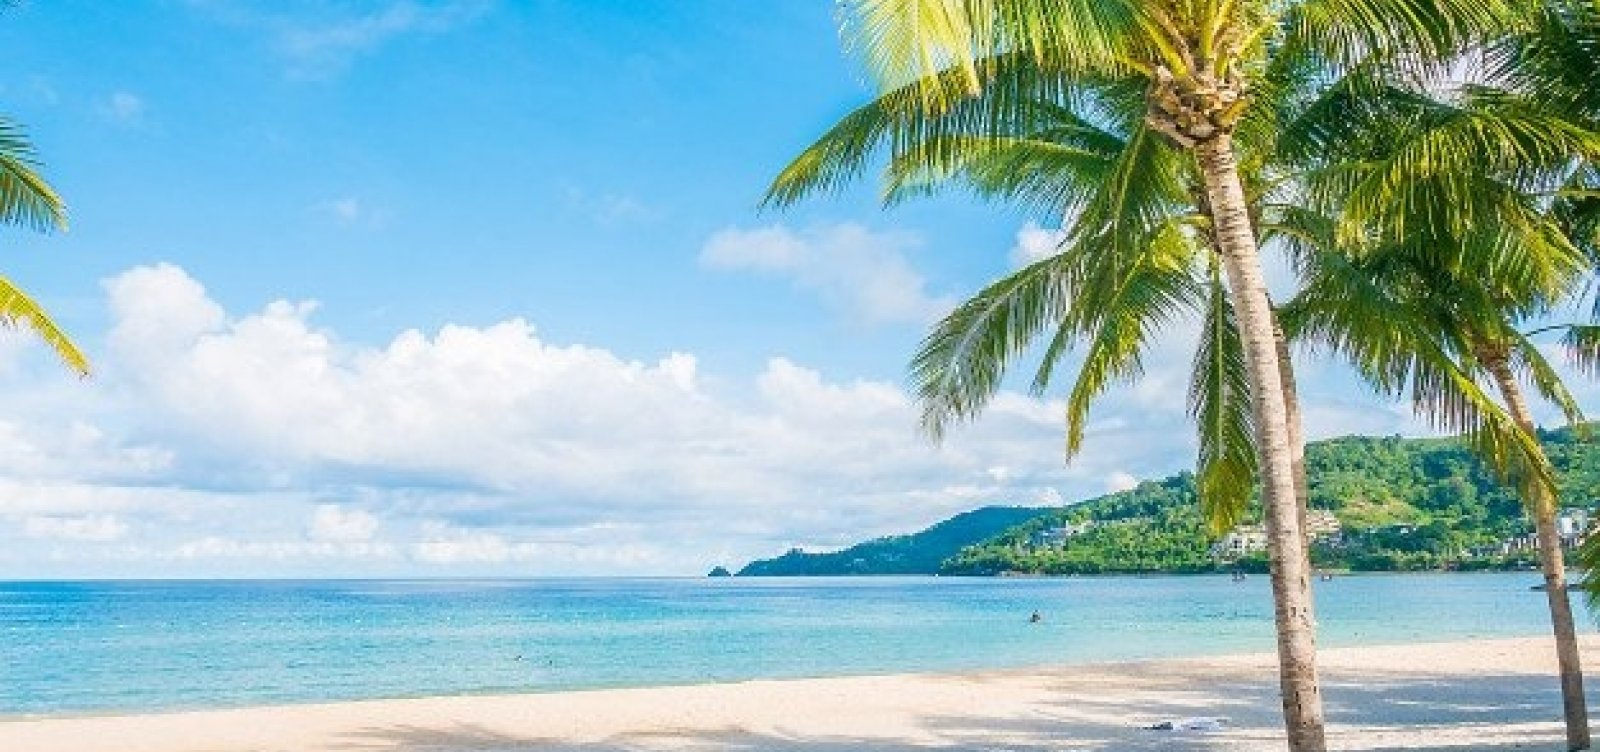 Praias de Camaçari estão interditadas até 5 de março